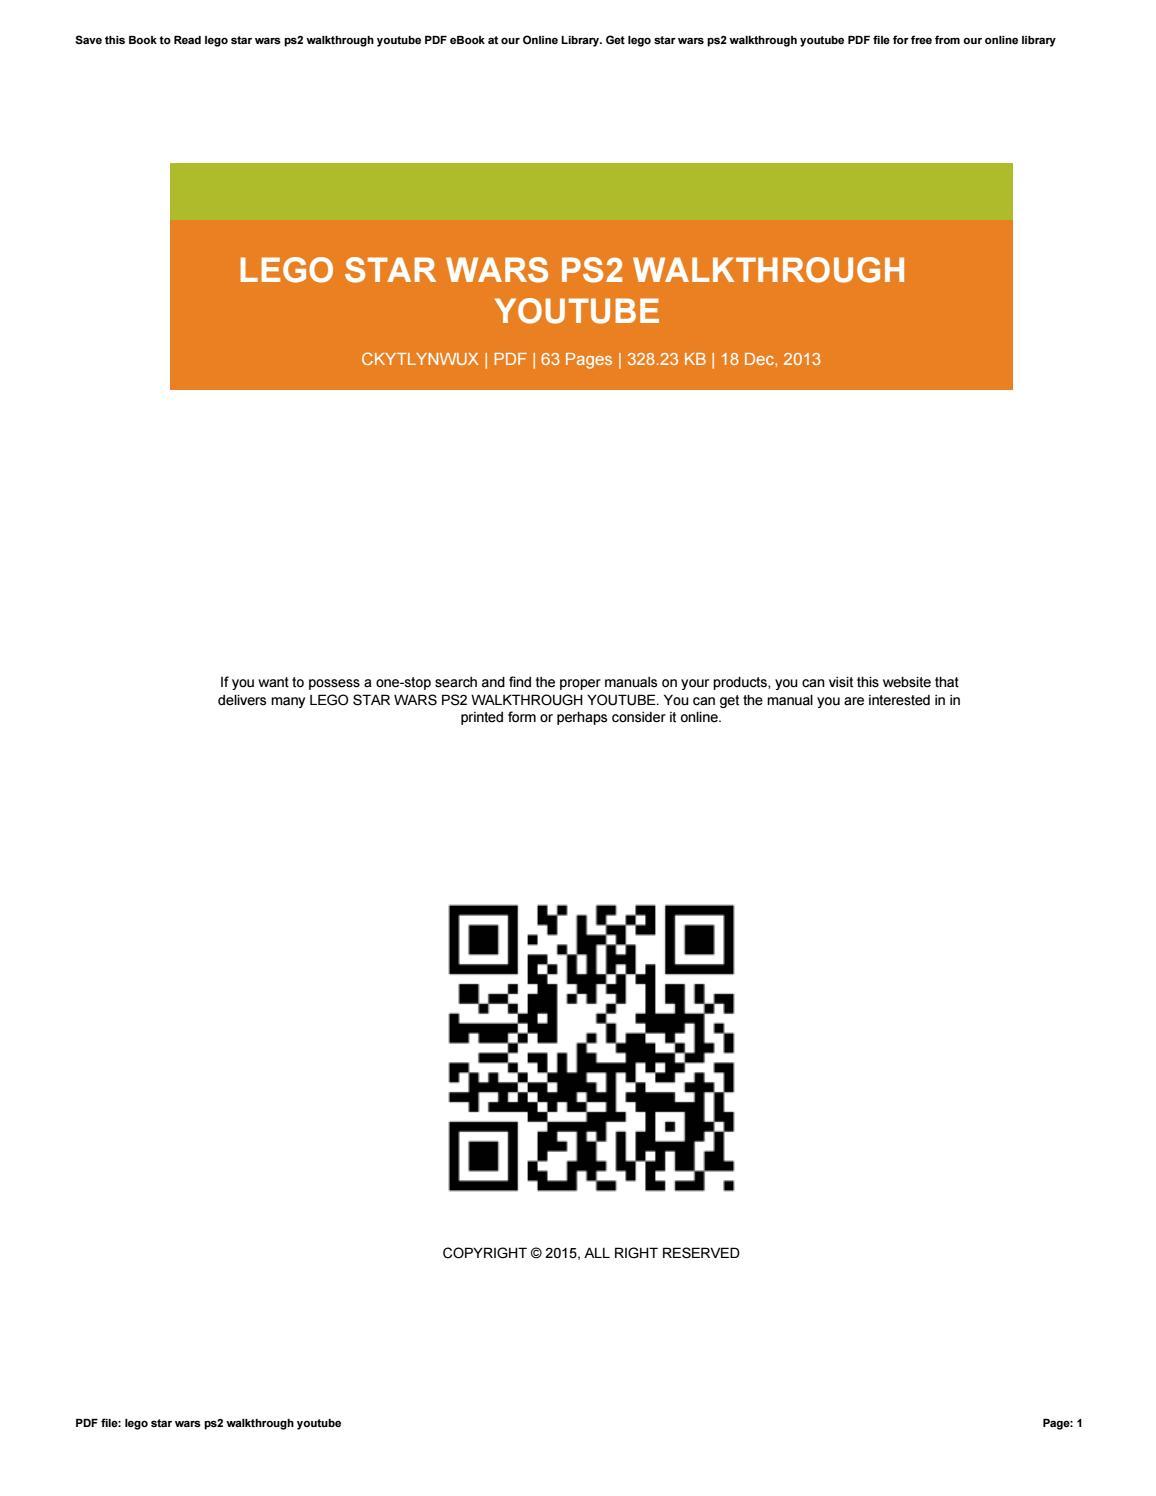 Lego star wars ps2 walkthrough youtube by BrendaMann2129 - issuu